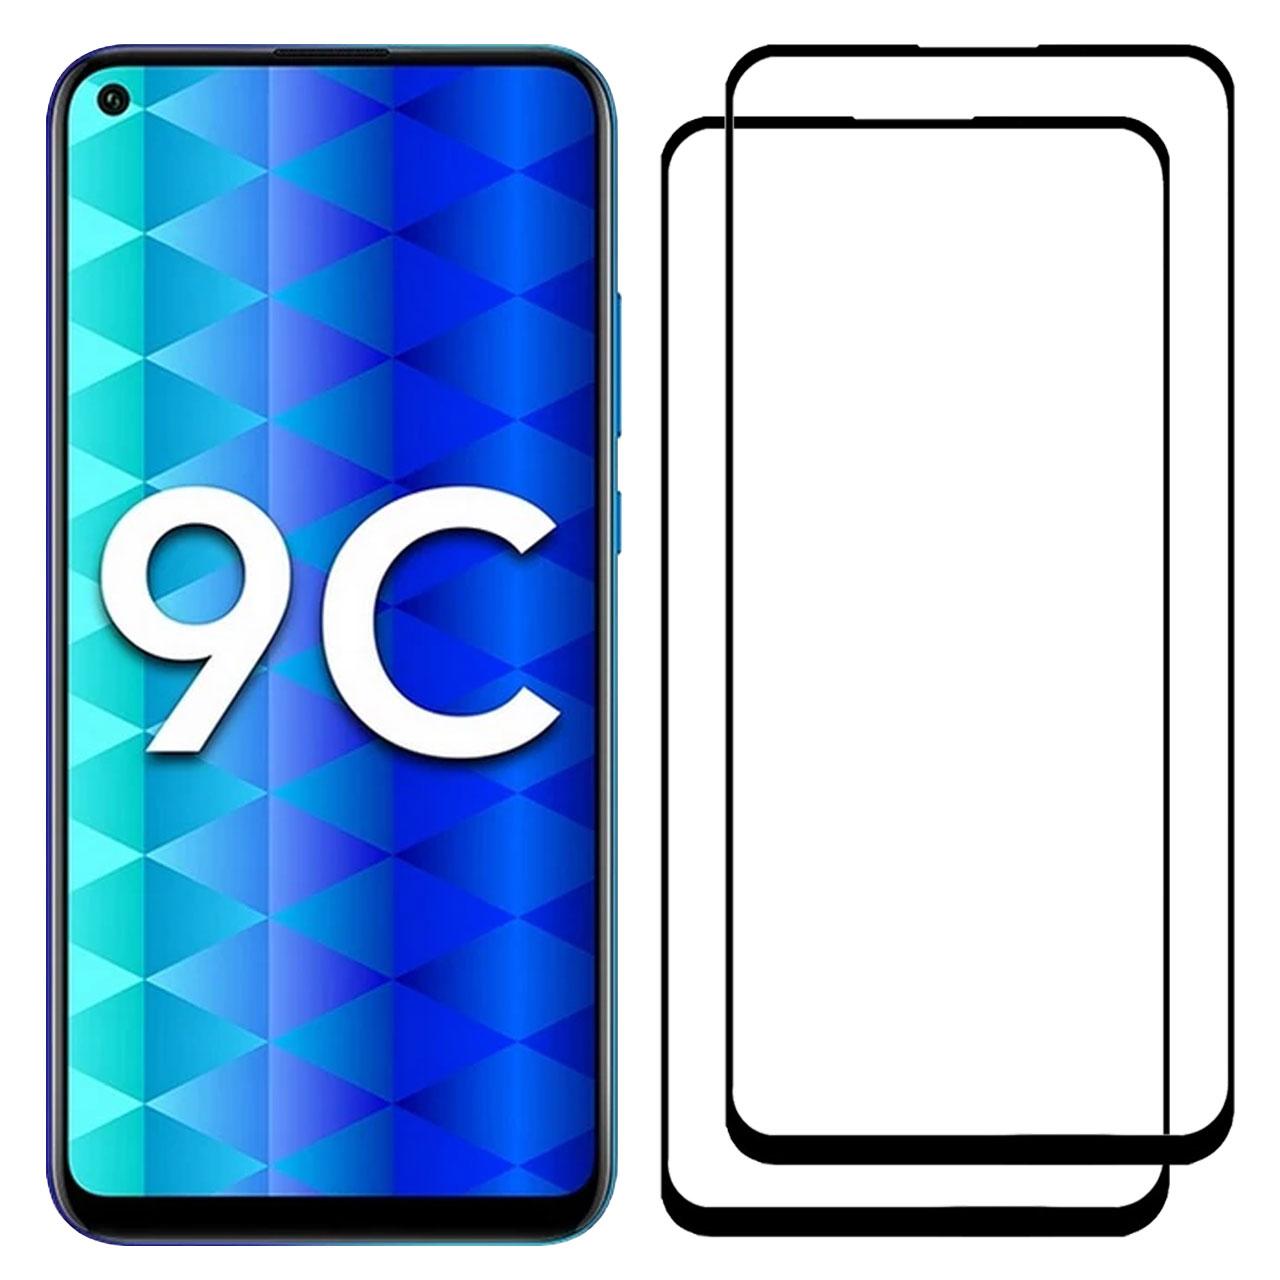 محافظ صفحه نمایش مدل FCG مناسب برای گوشی موبایل آنر 9C بسته دو عددی